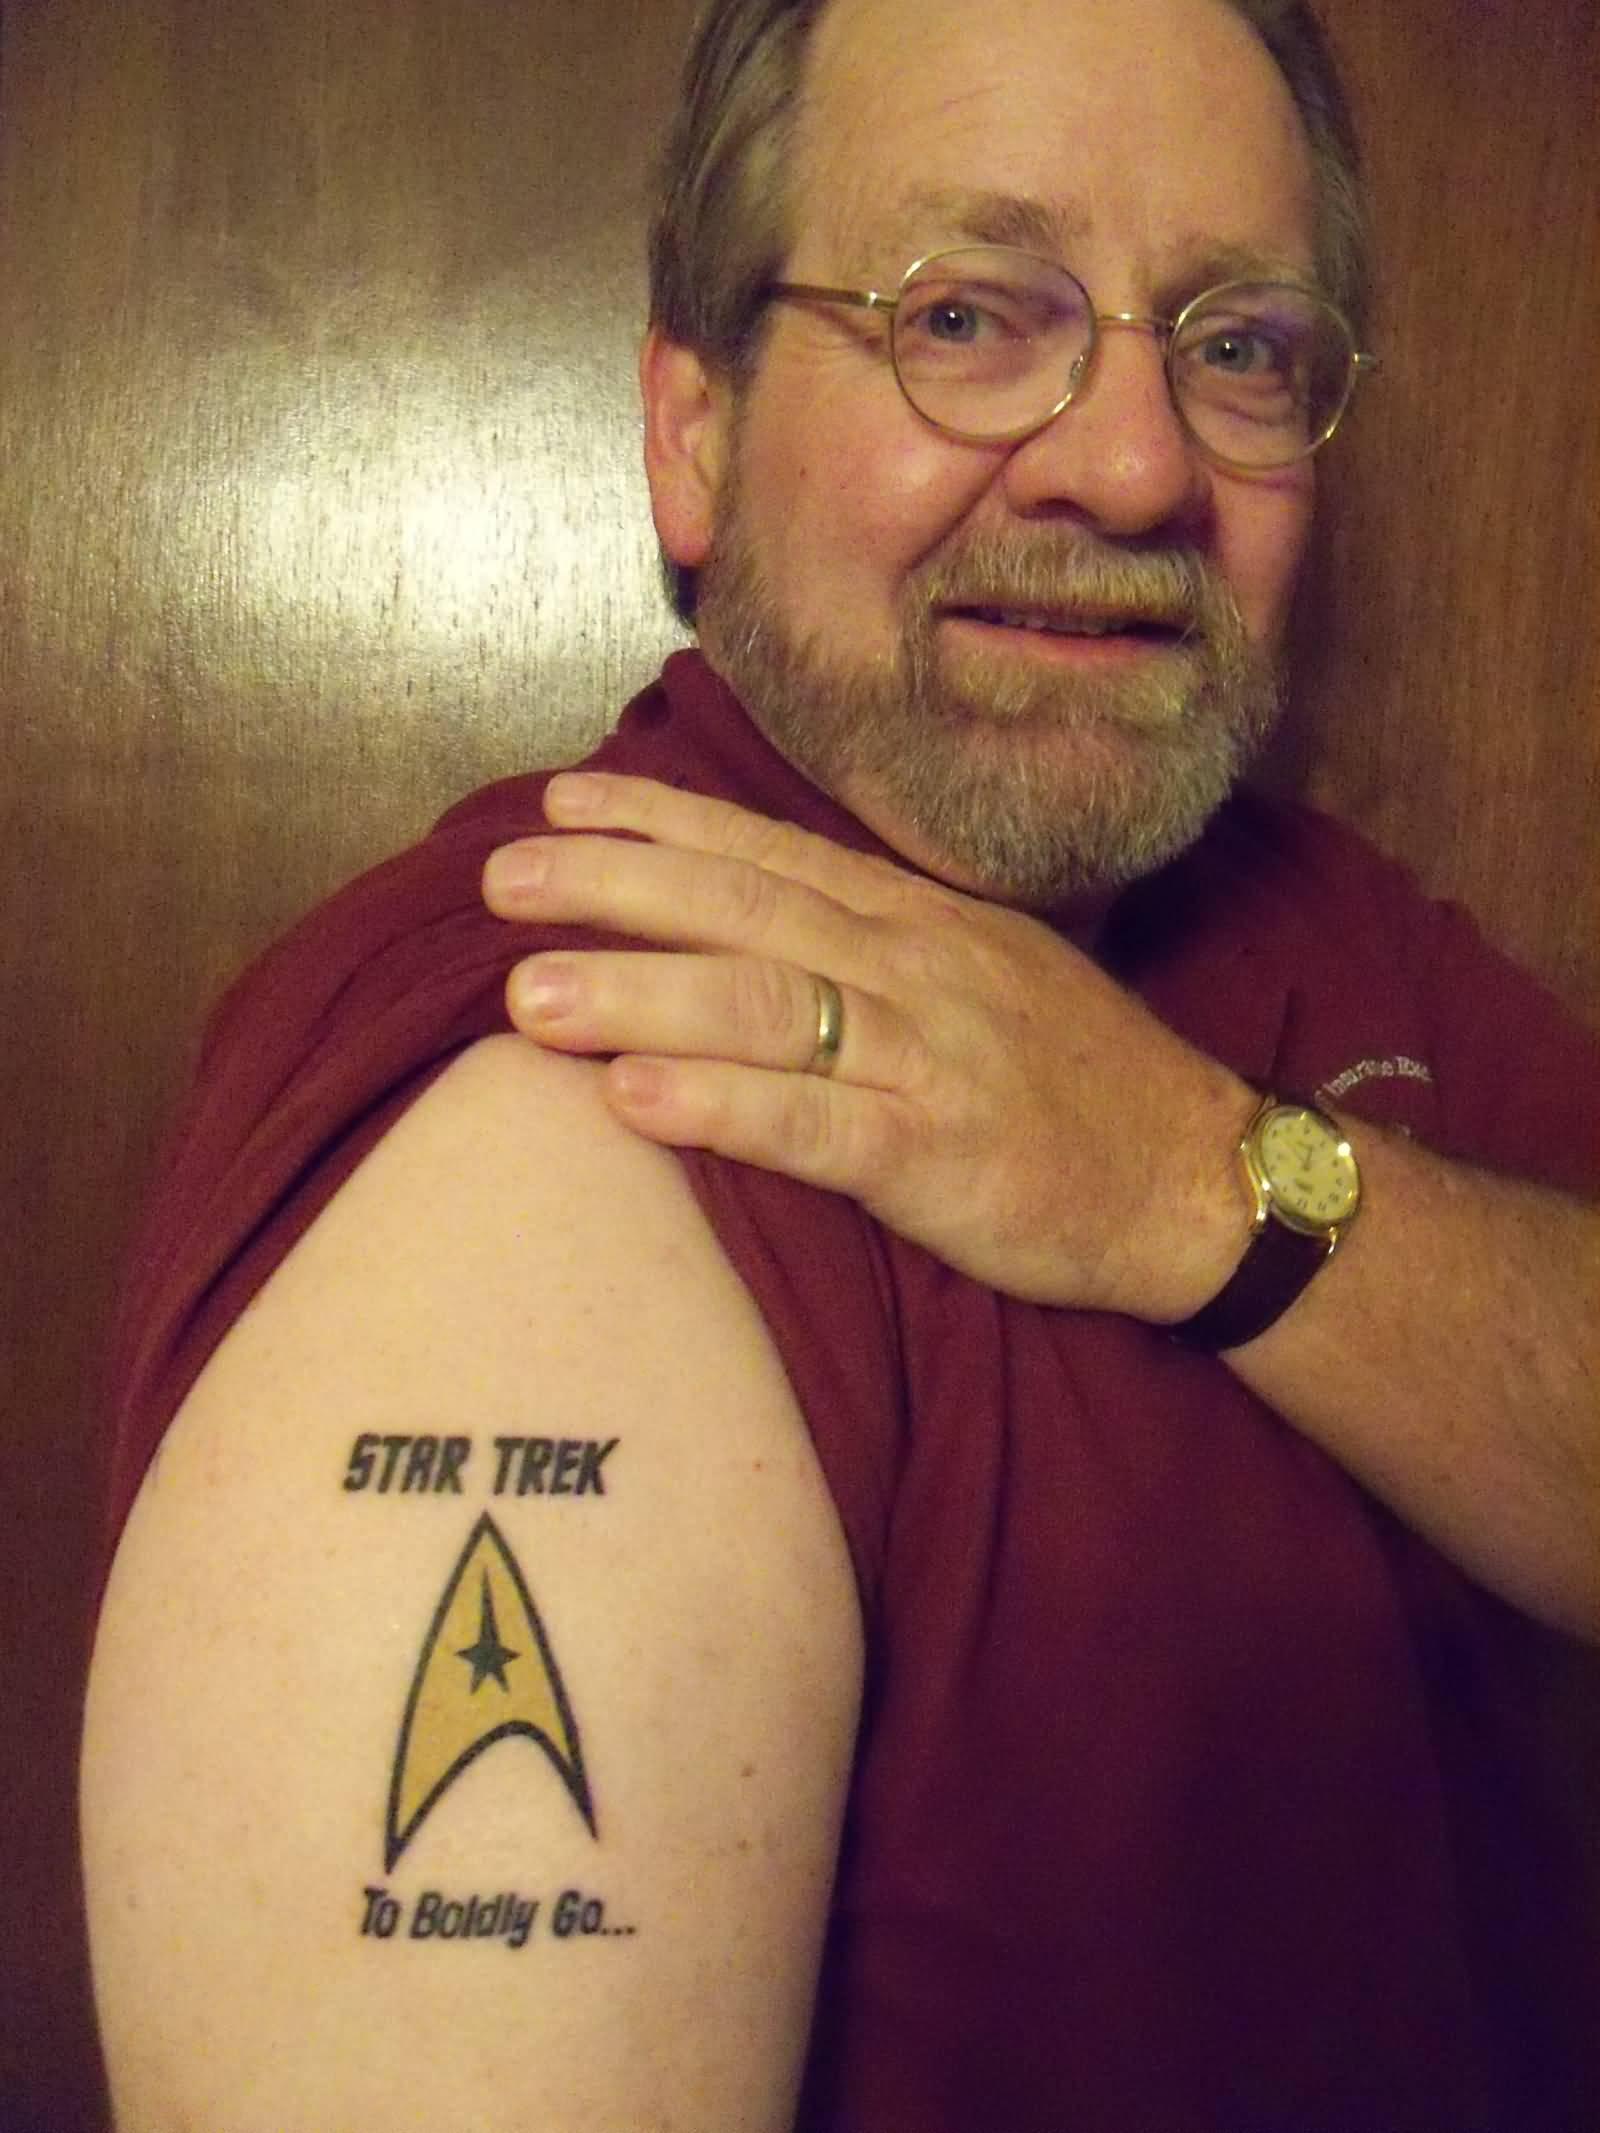 7 star trek tattoos on shoulder